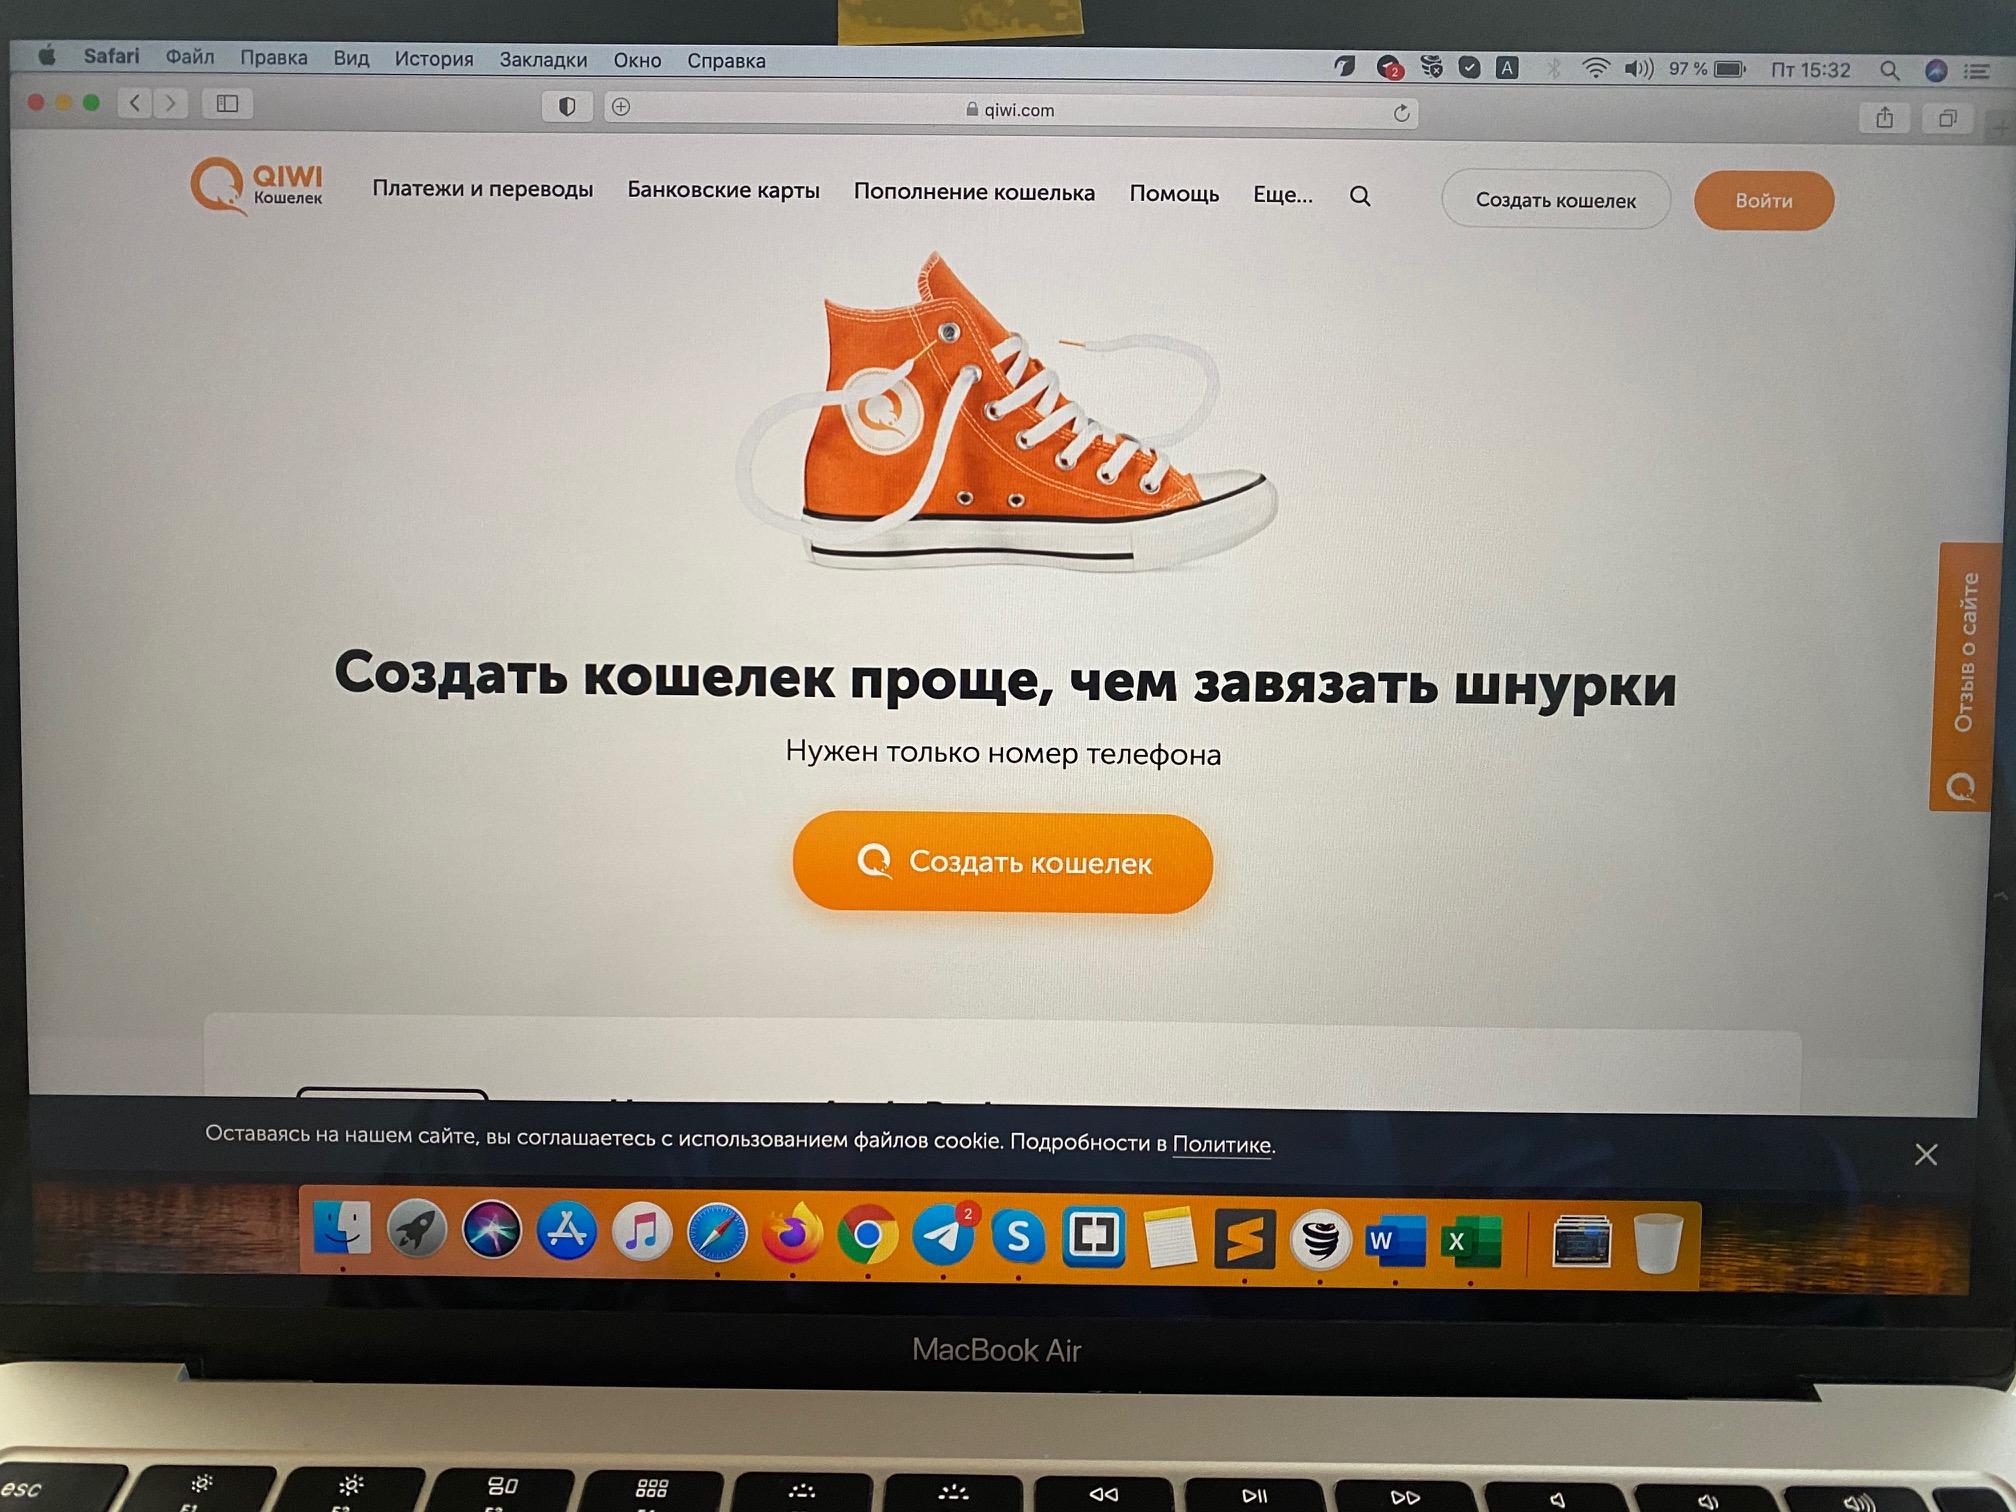 А это Qiwi-ЦУПИС на rutopbk.ru